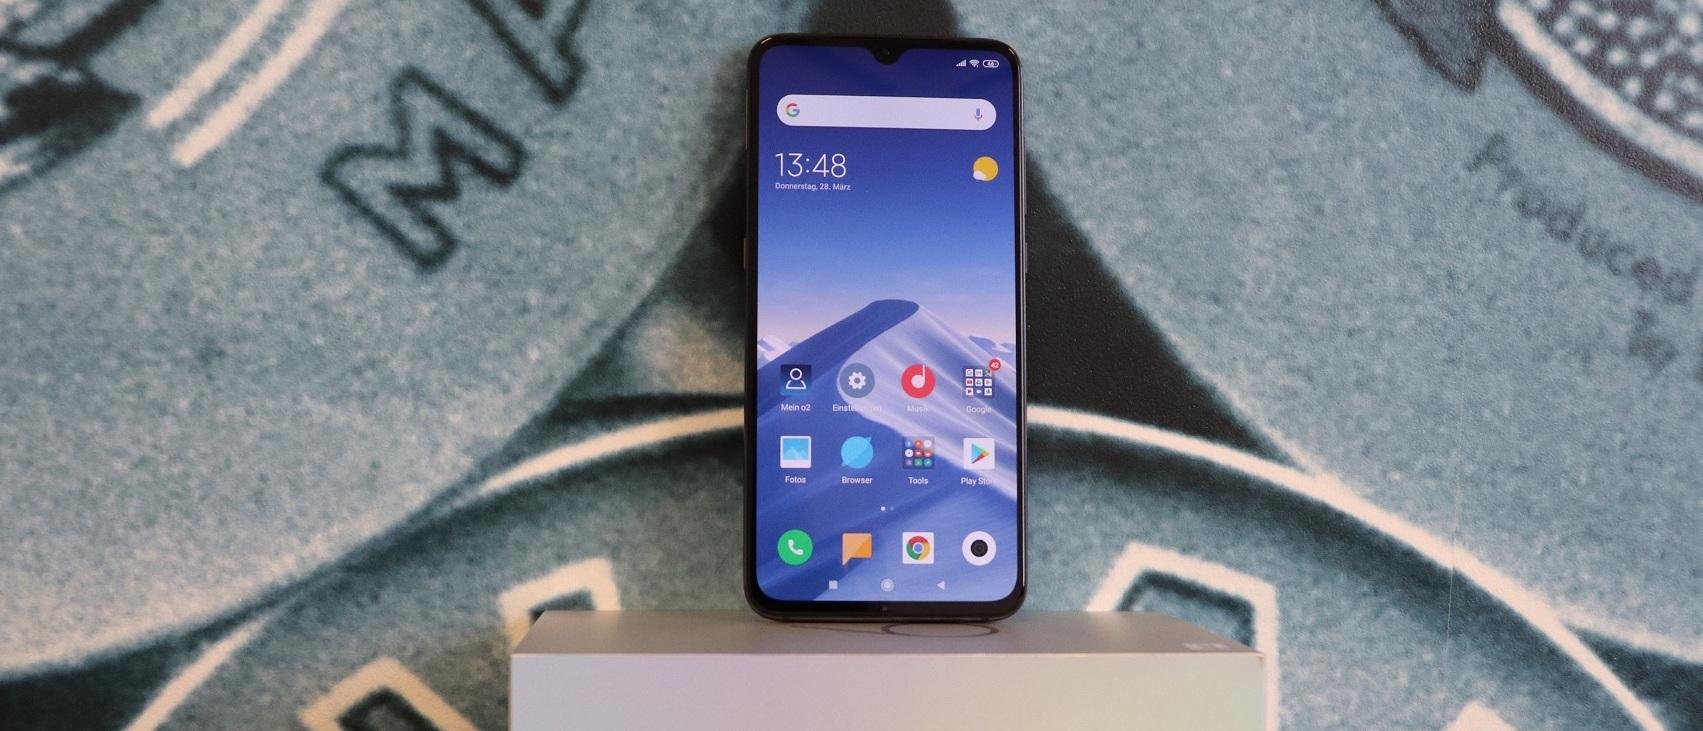 Xiaomi Mi 9 - Teste die günstigere Alternative zu Huawei, Samsung, Apple und Co.